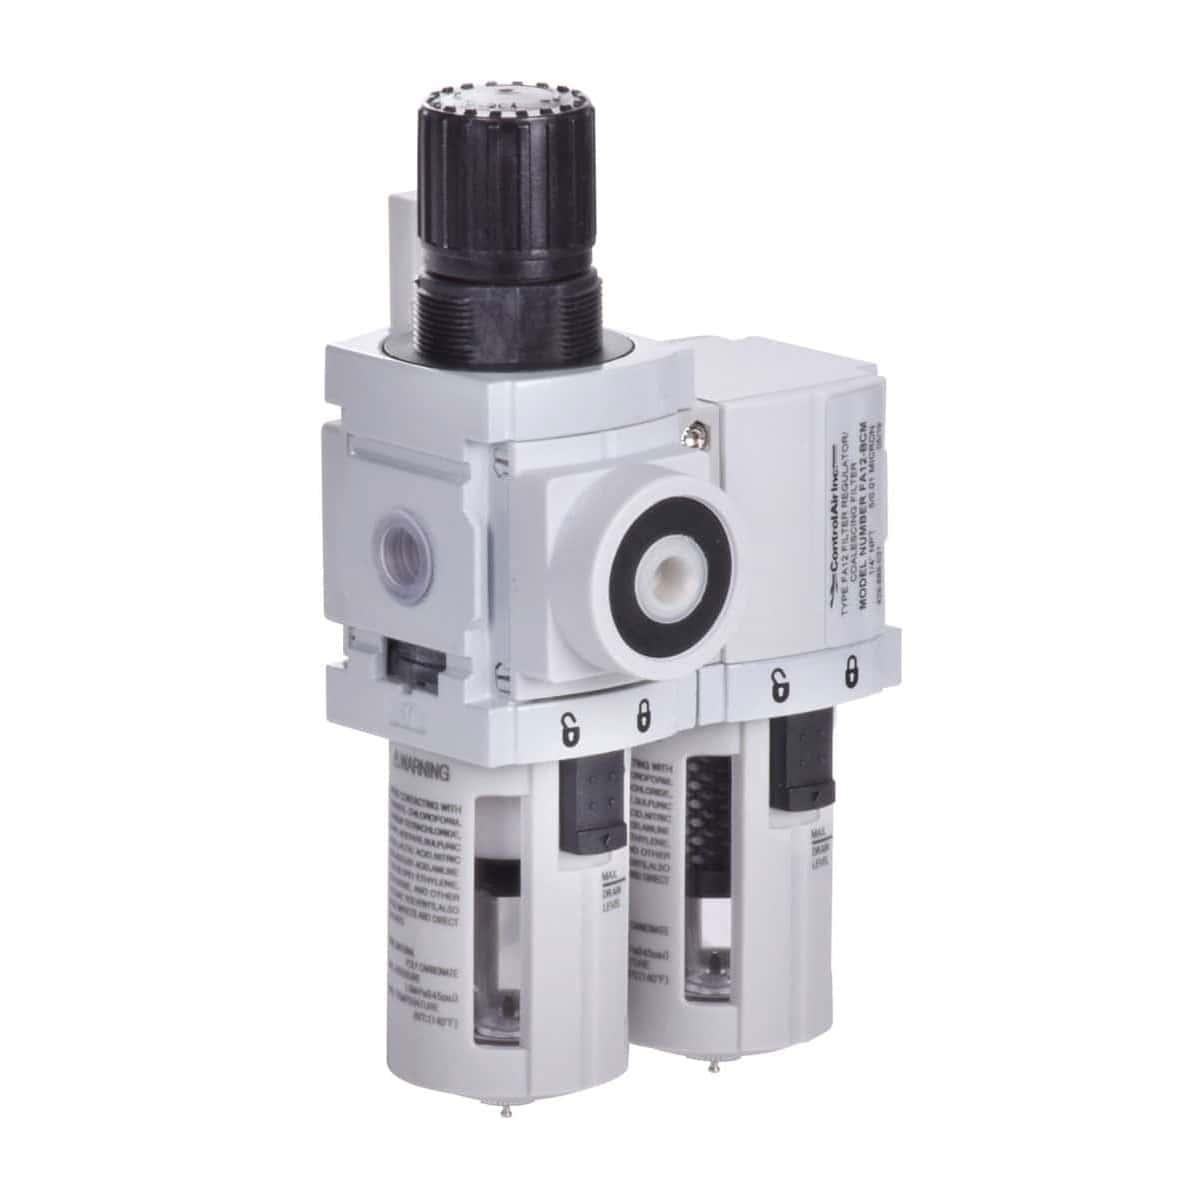 Combo Filtro Regulador/ Filtro Coalescente modelo FA12 - Control Air